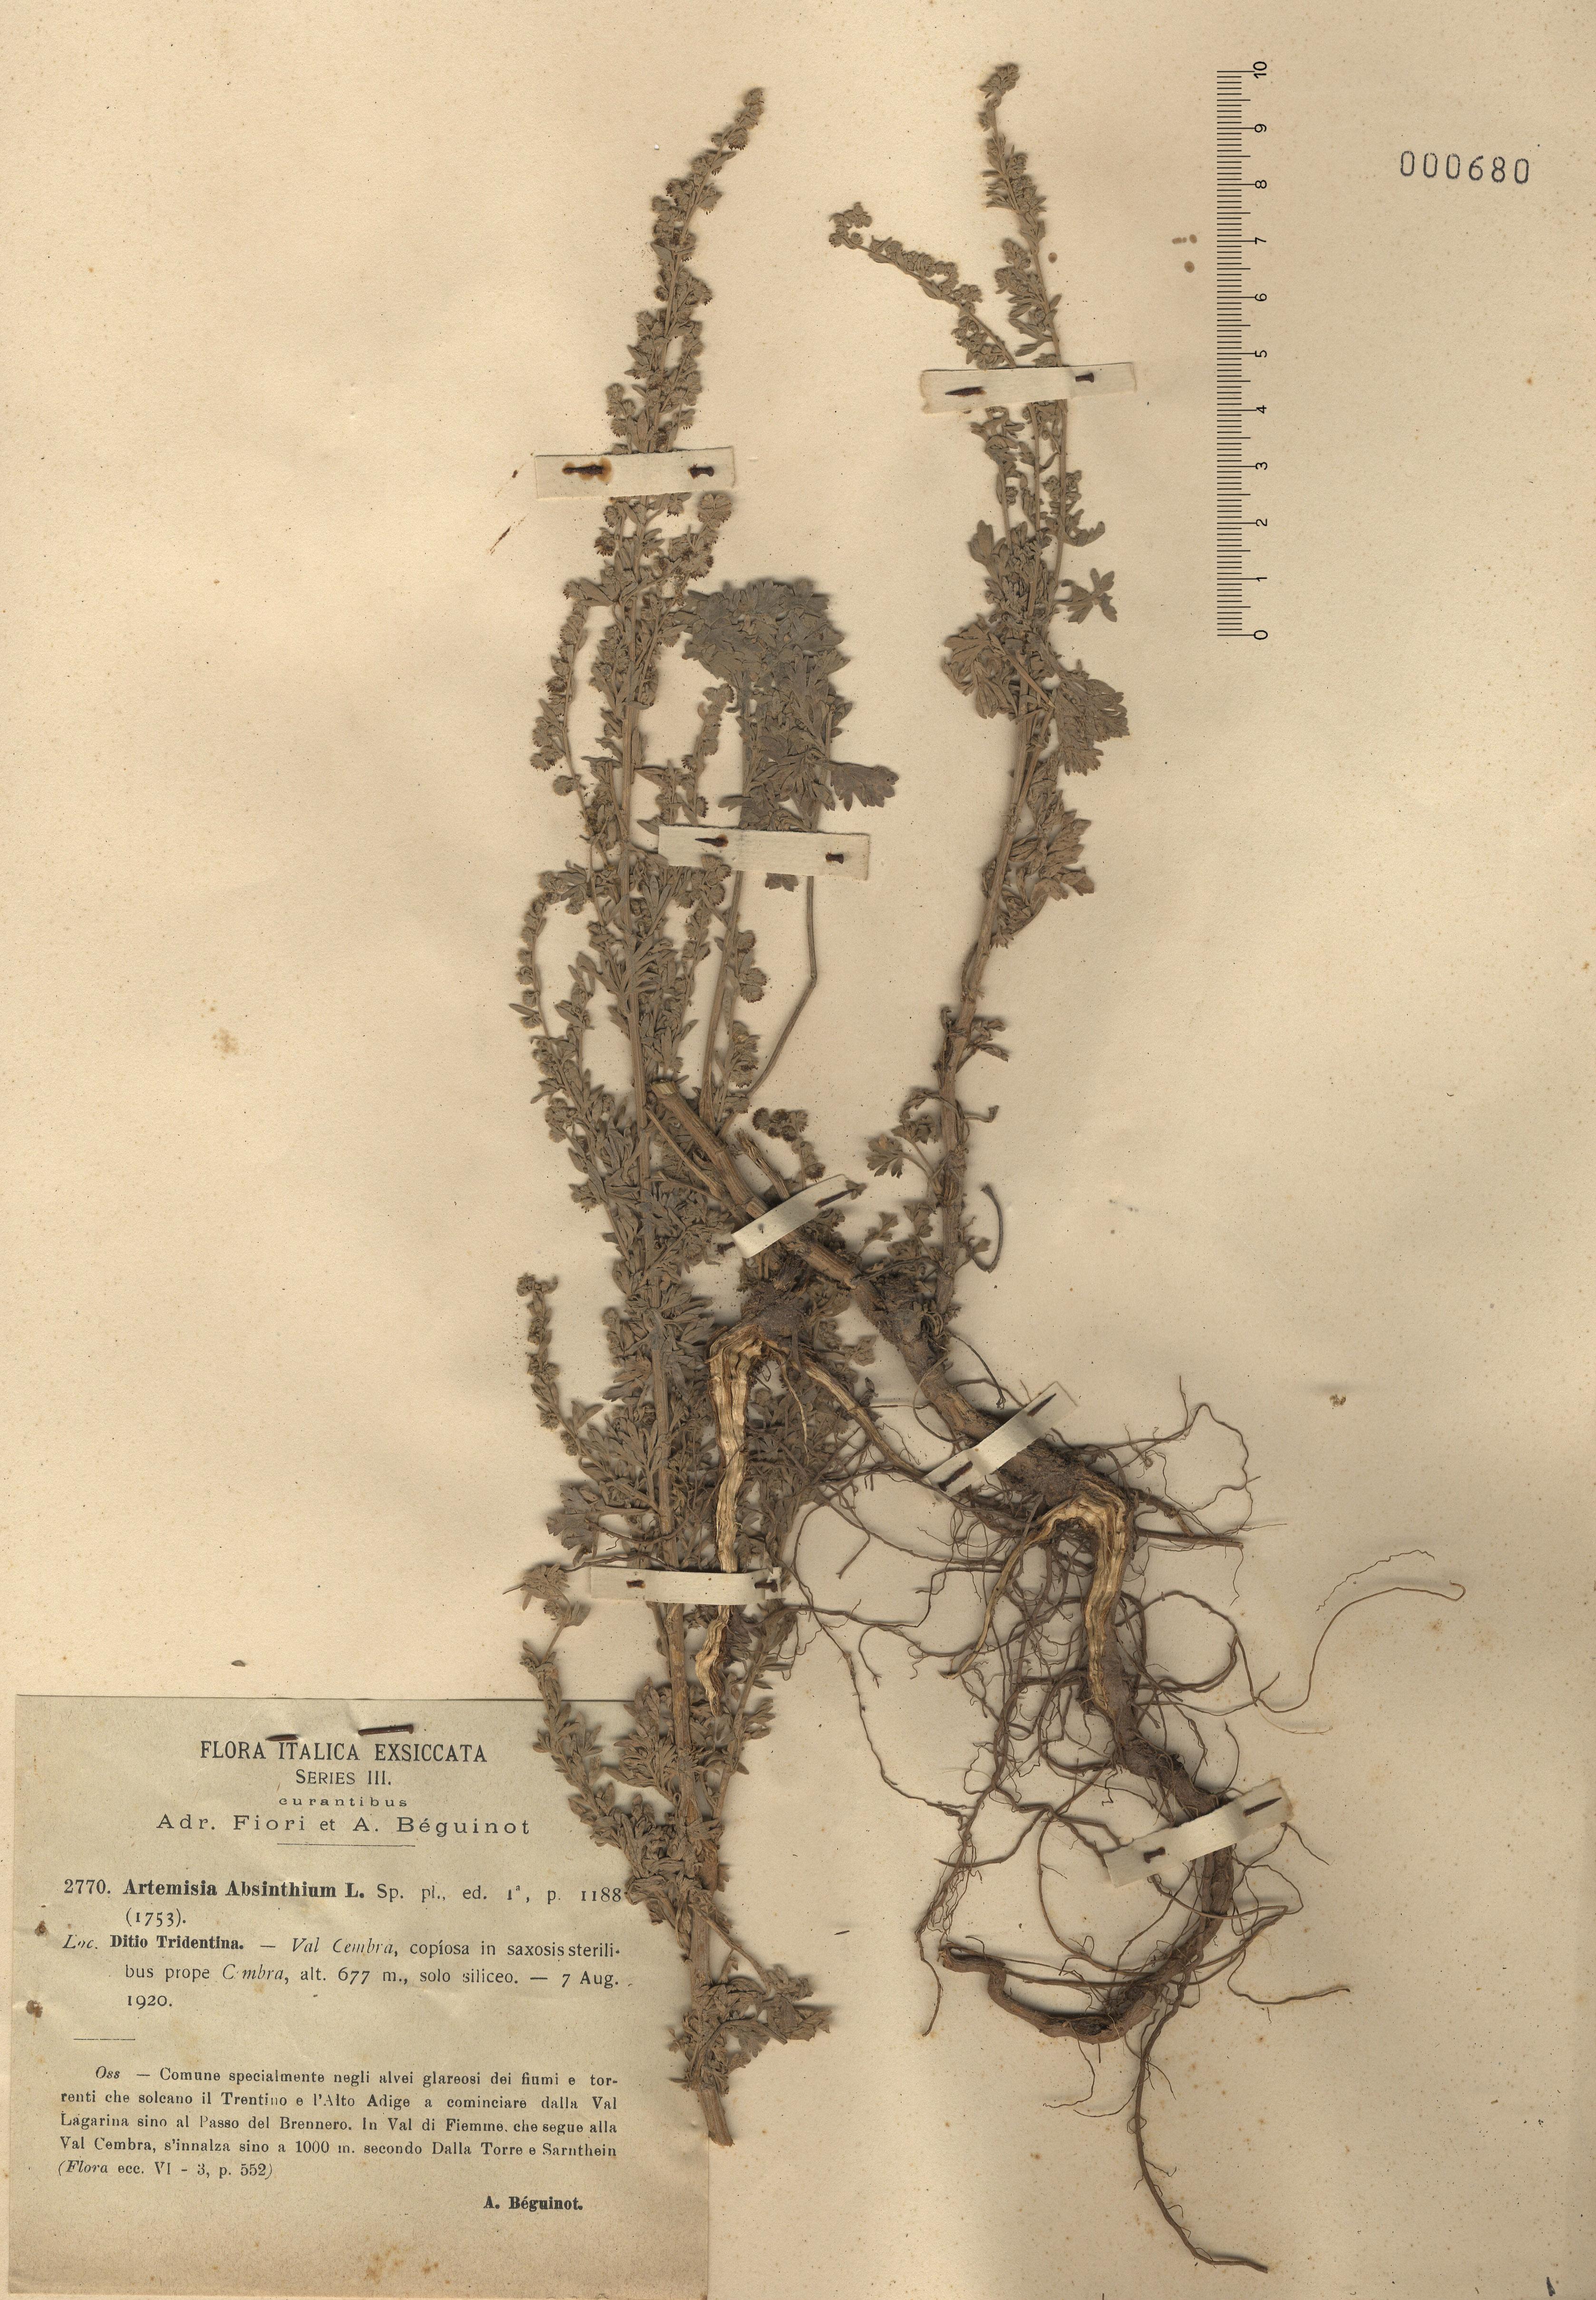 © Hortus Botanicus Catinensis - Herb. sheet 000680<br>